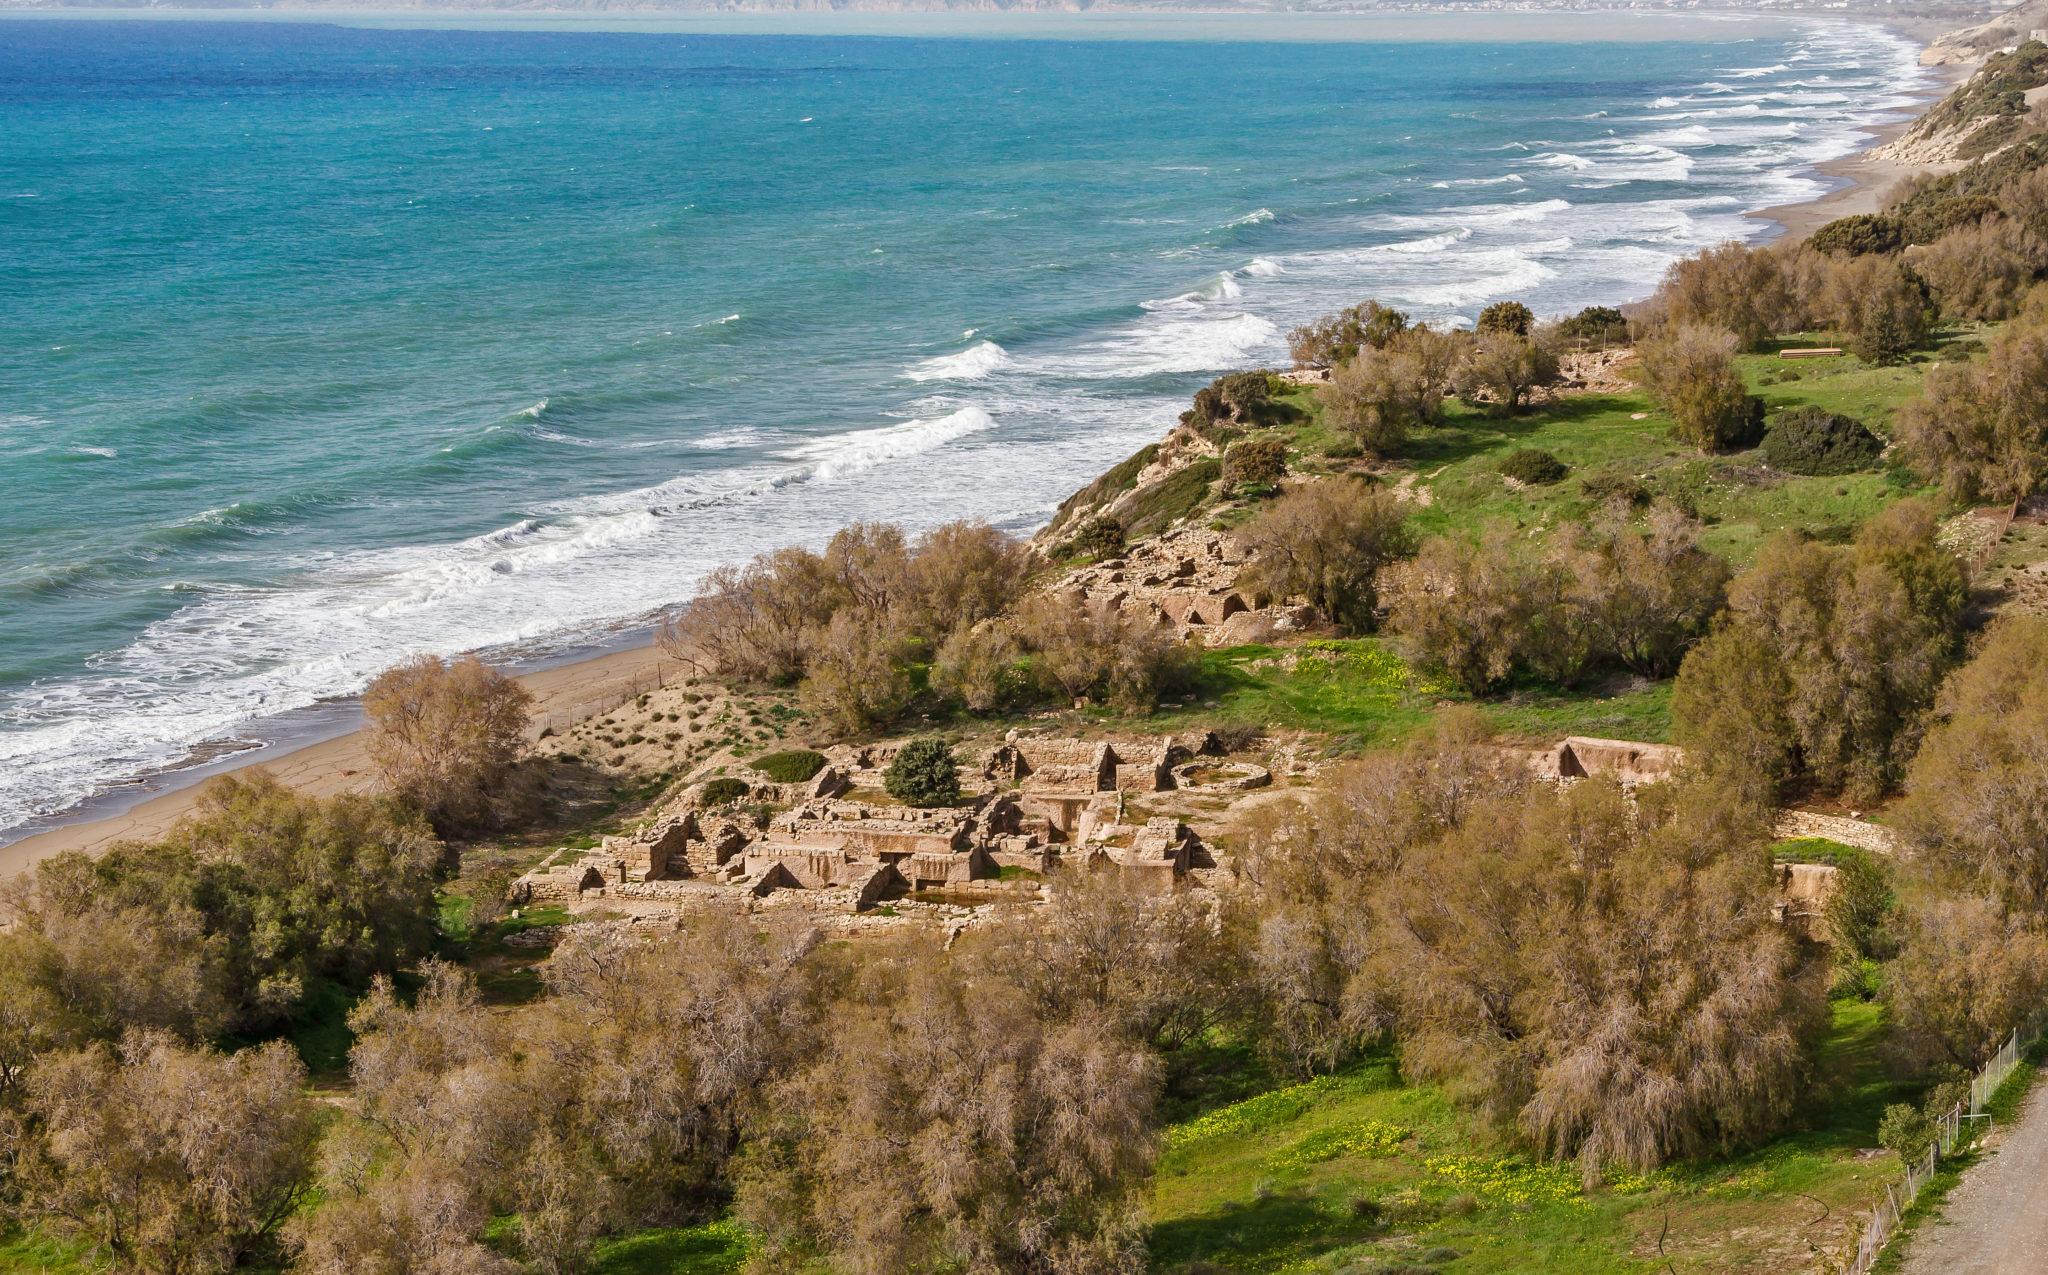 hr Eine der interessantesten Ausgrabungen einer minoischen Hafenstadt auf Kreta ist Kommos. Foto: Wikipedia, Jebulon